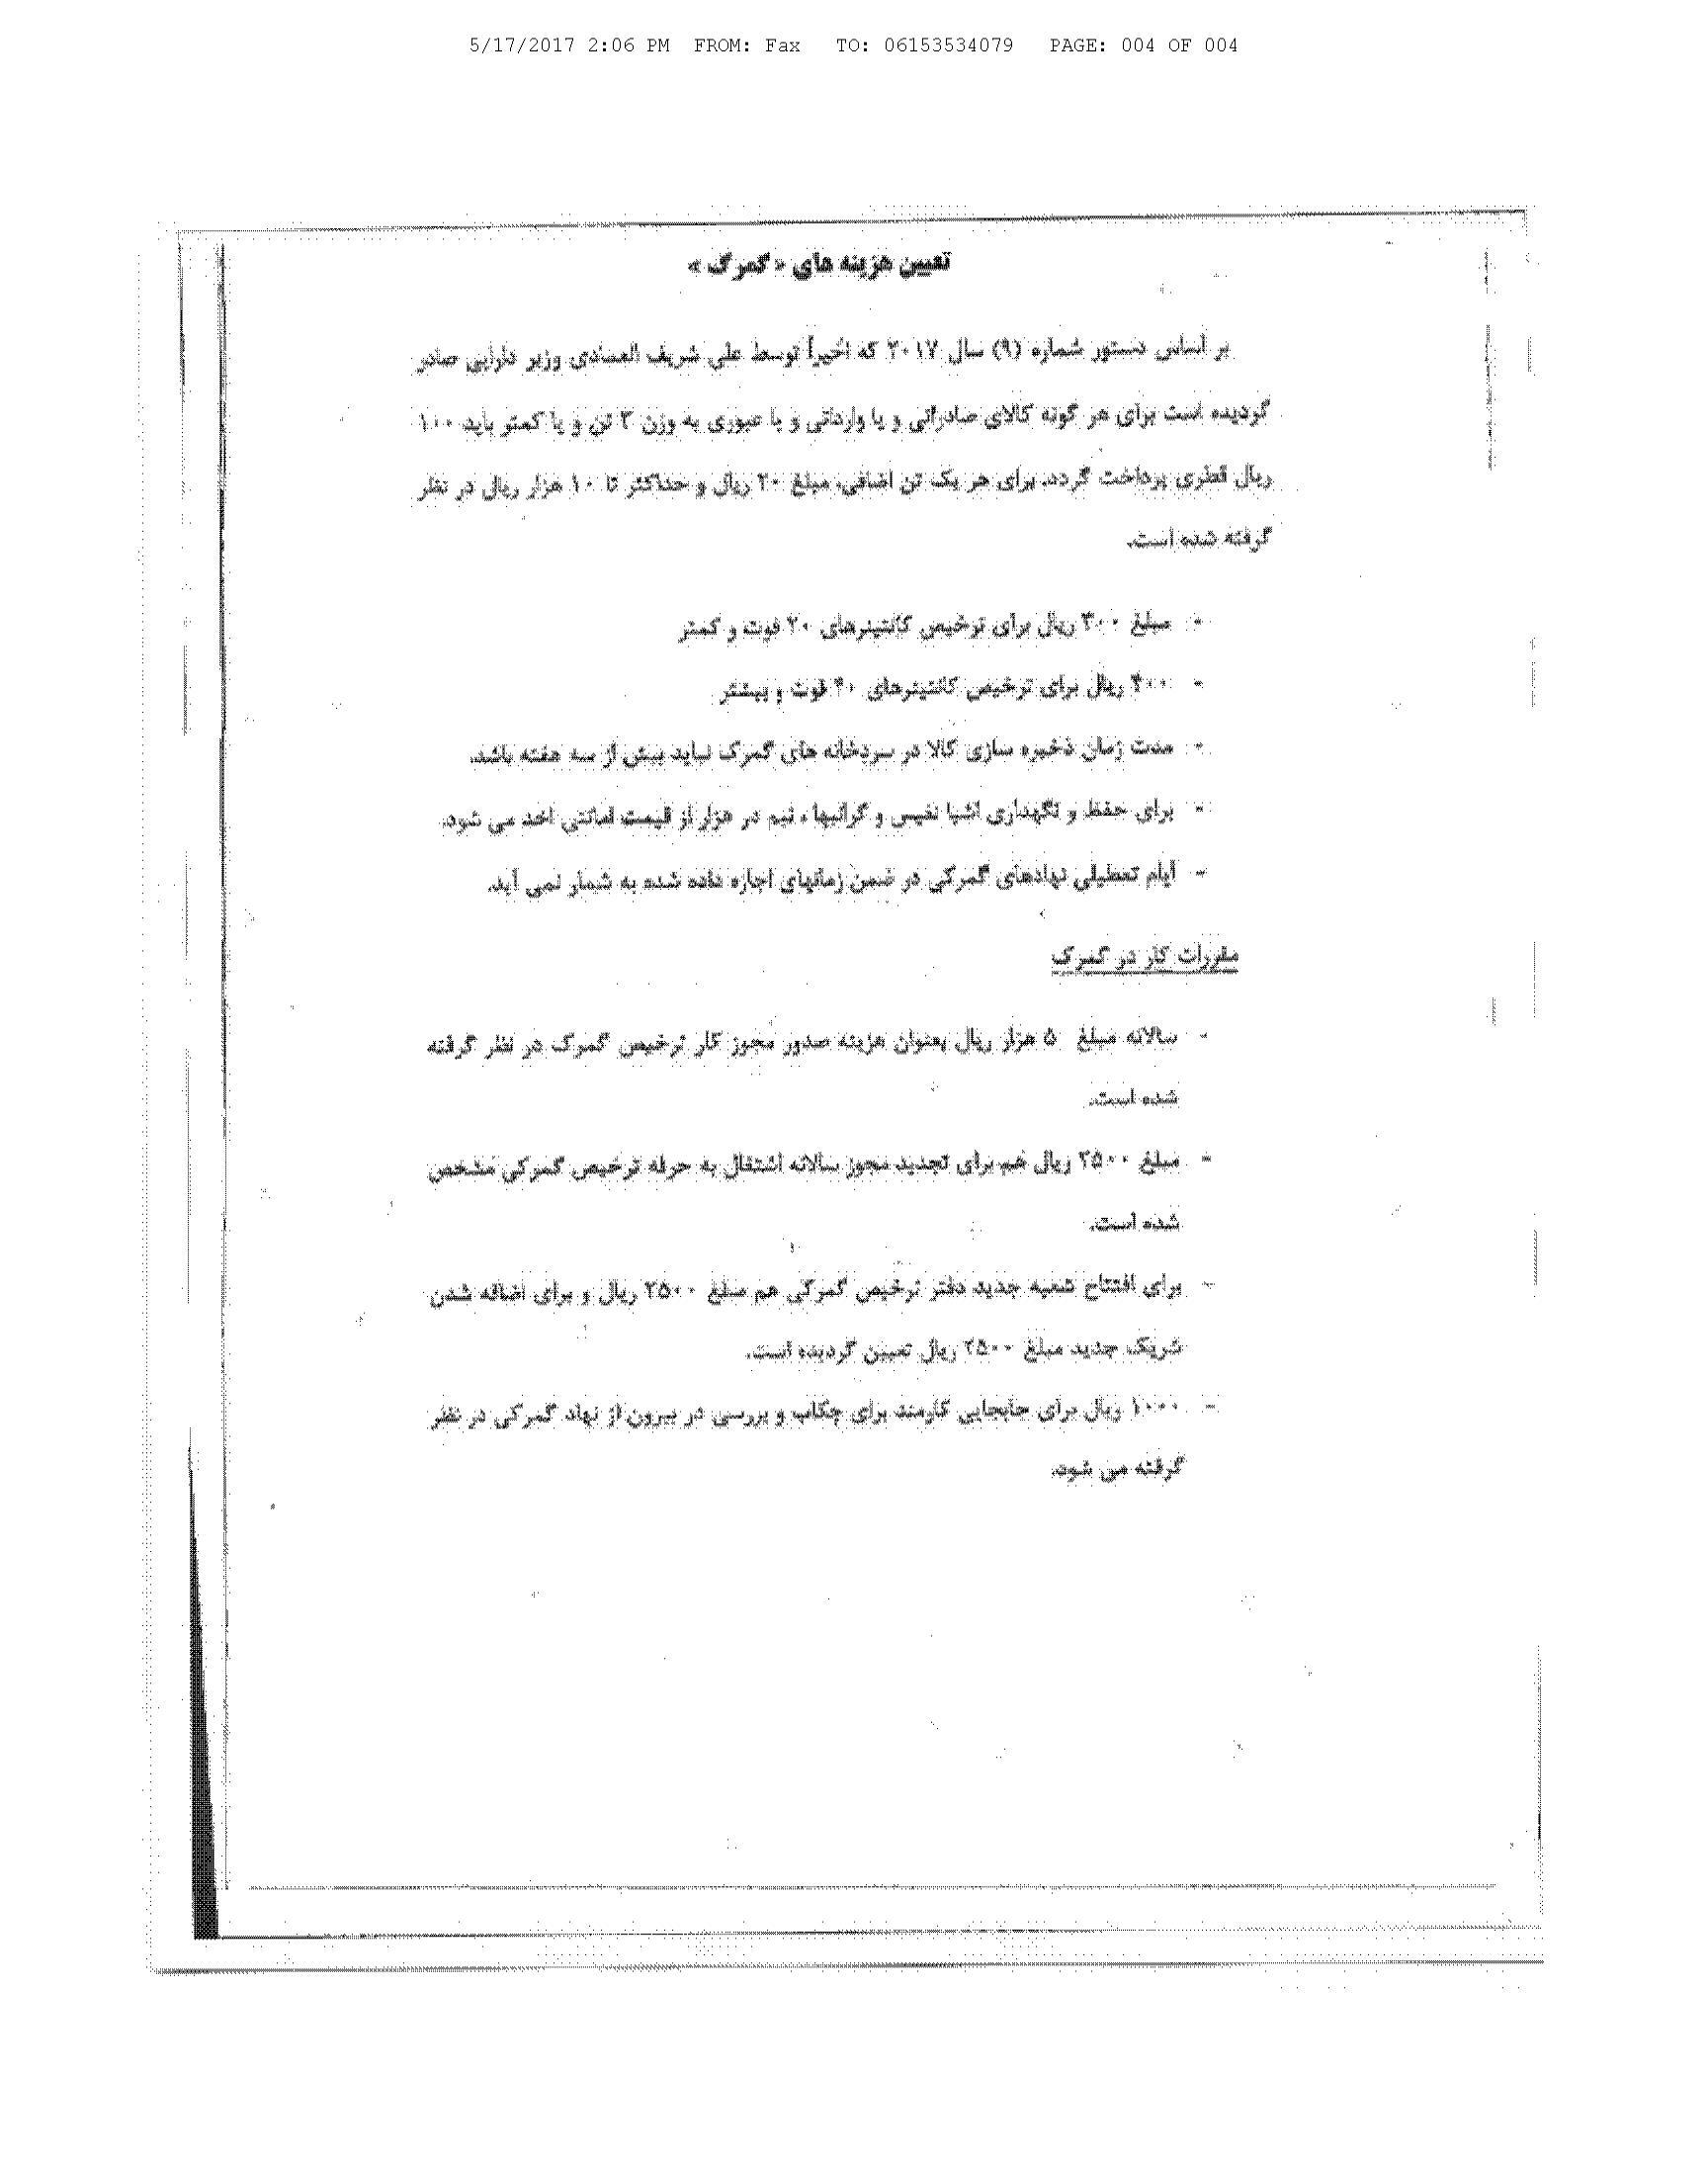 مقررات جدید گمرک قطر در رابطه قوانین حمل و نقل